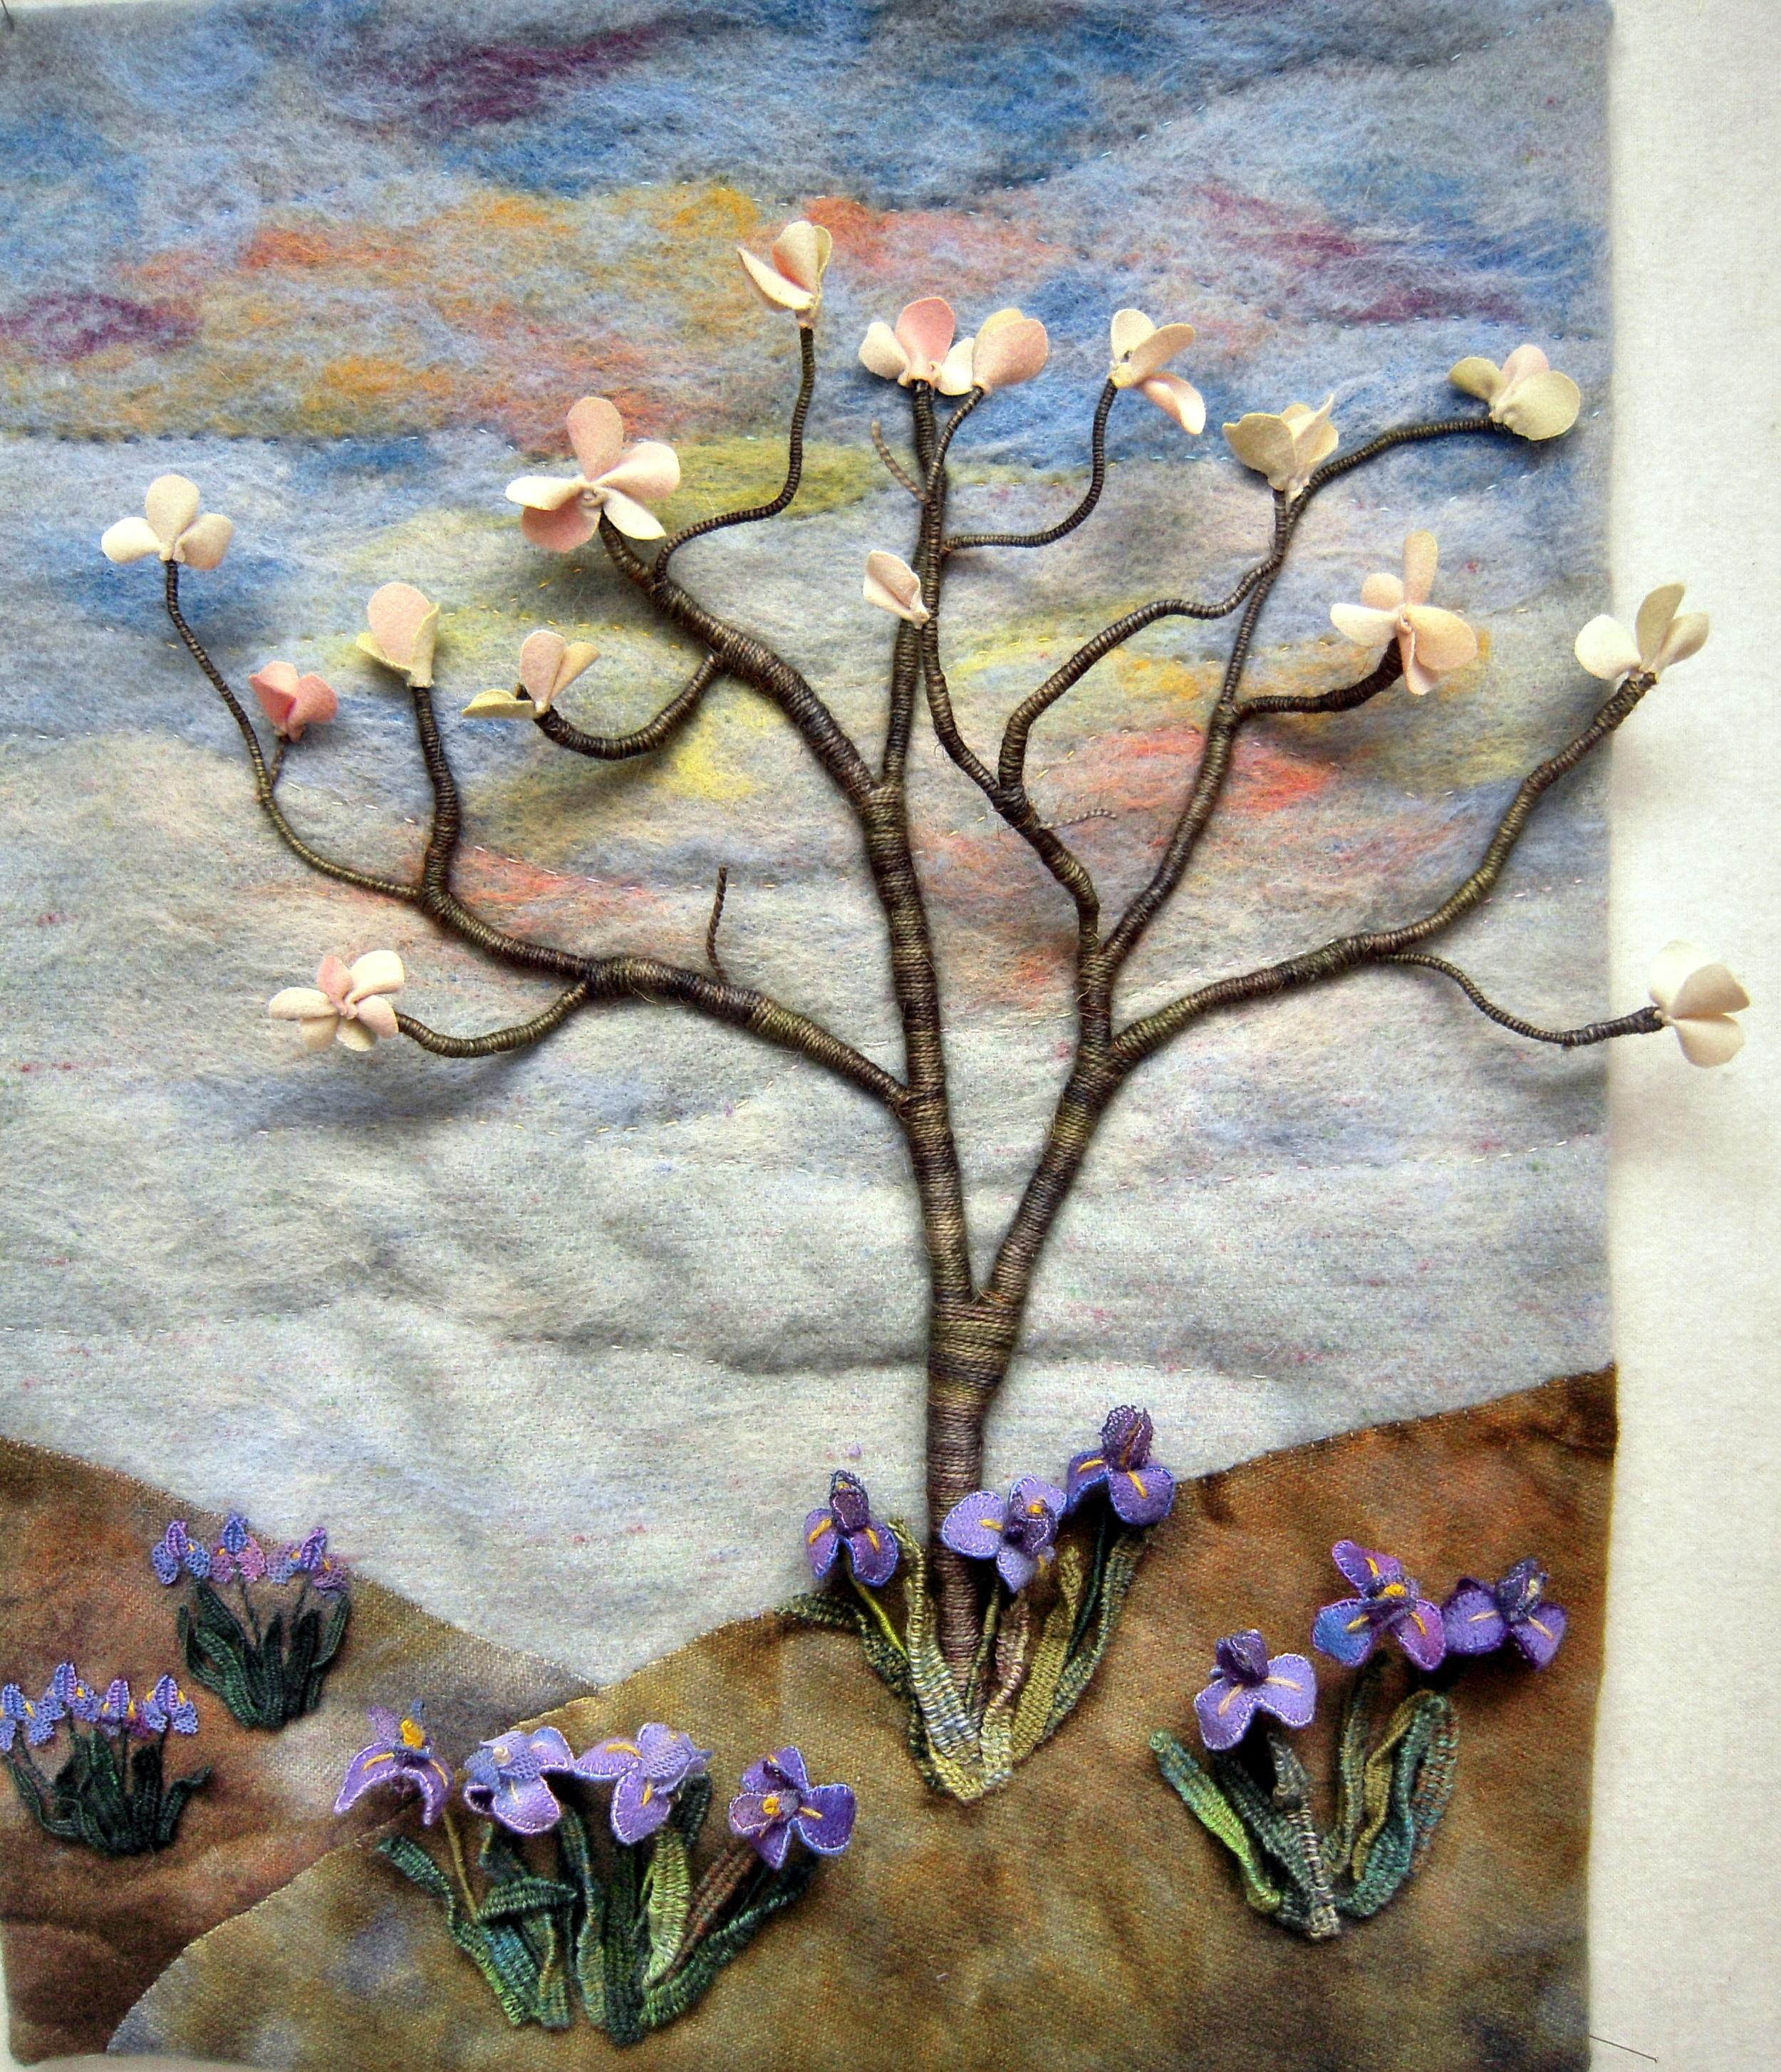 Magnolia and Irises